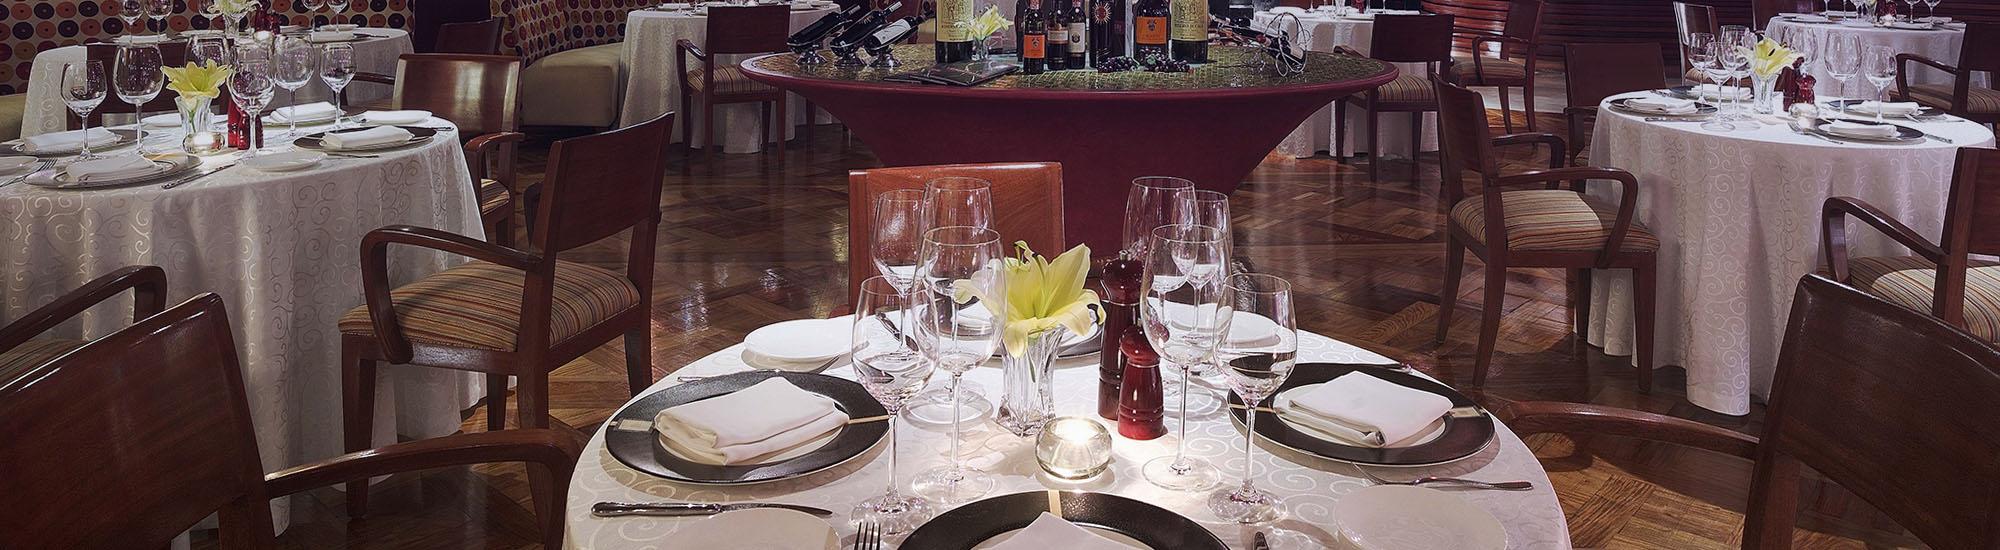 Paparazzi_the_hotel's_Italian_restaurant